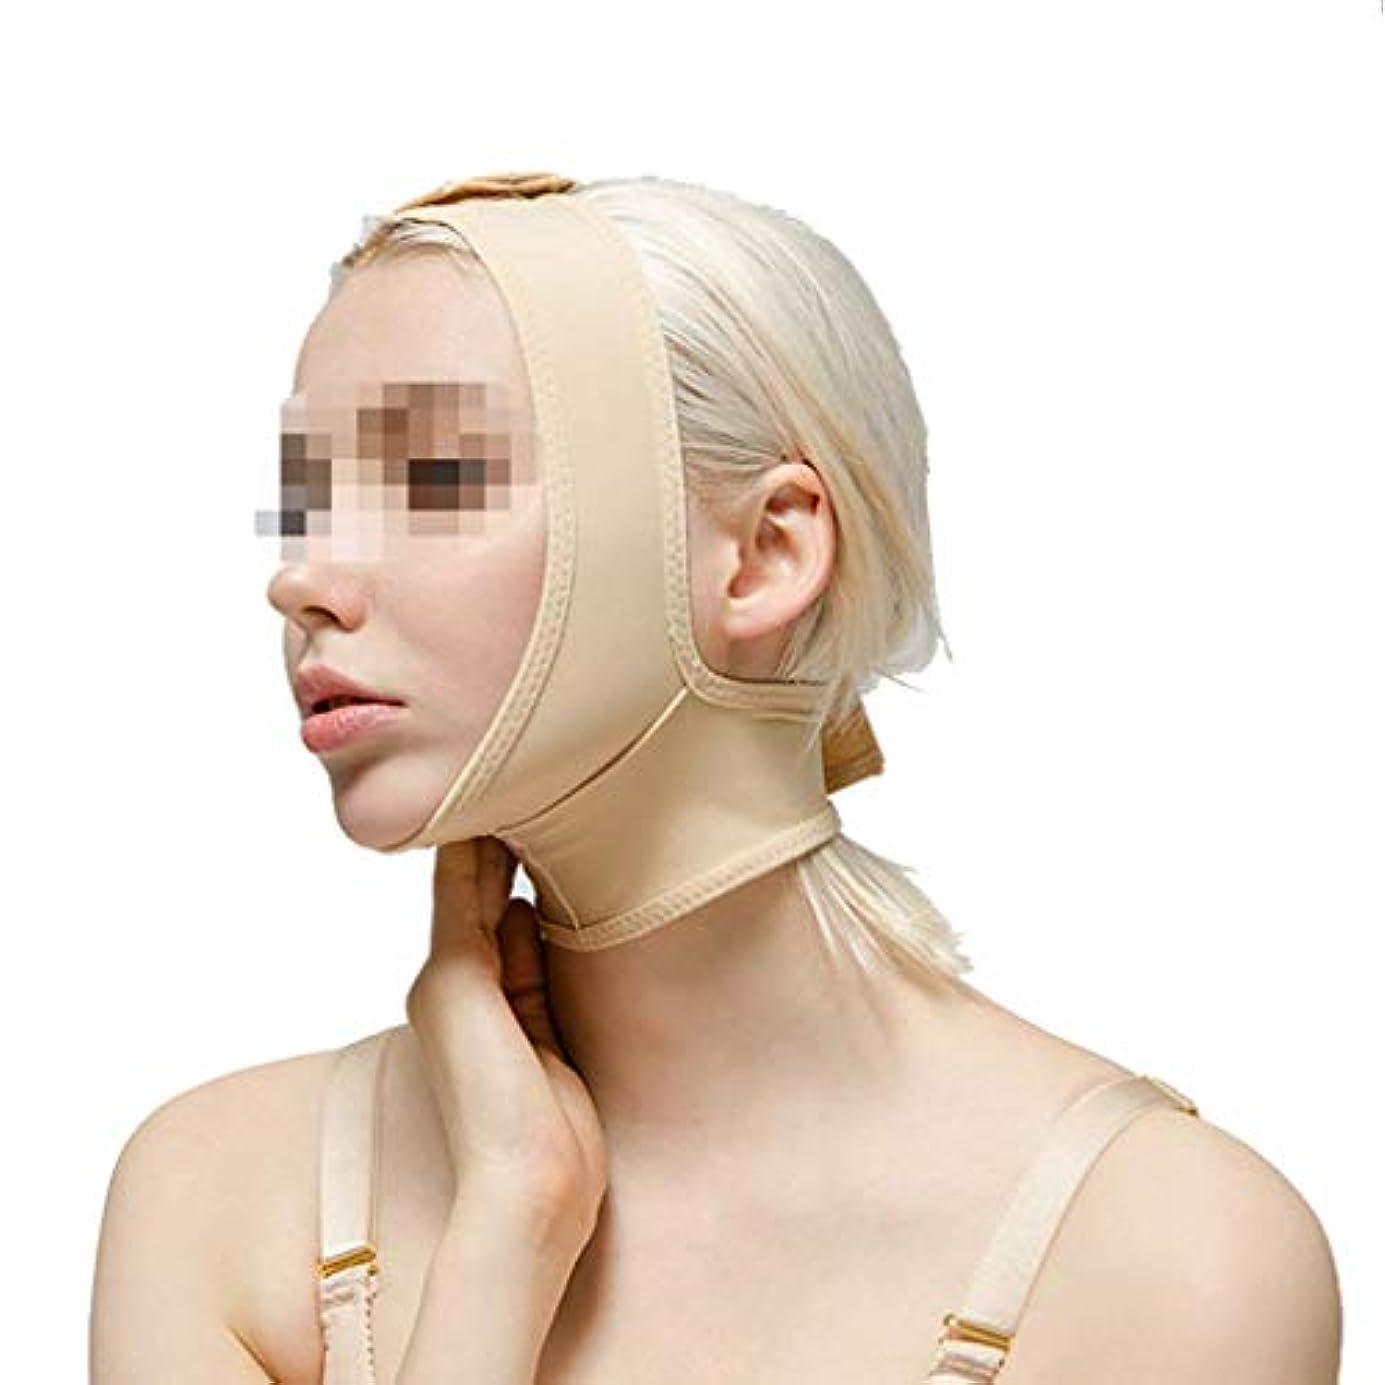 モルヒネディスパッチデンマーク術後伸縮性スリーブ、下顎束フェイスバンデージフェイシャルビームダブルチンシンフェイスマスクマルチサイズオプション(サイズ:L),XS